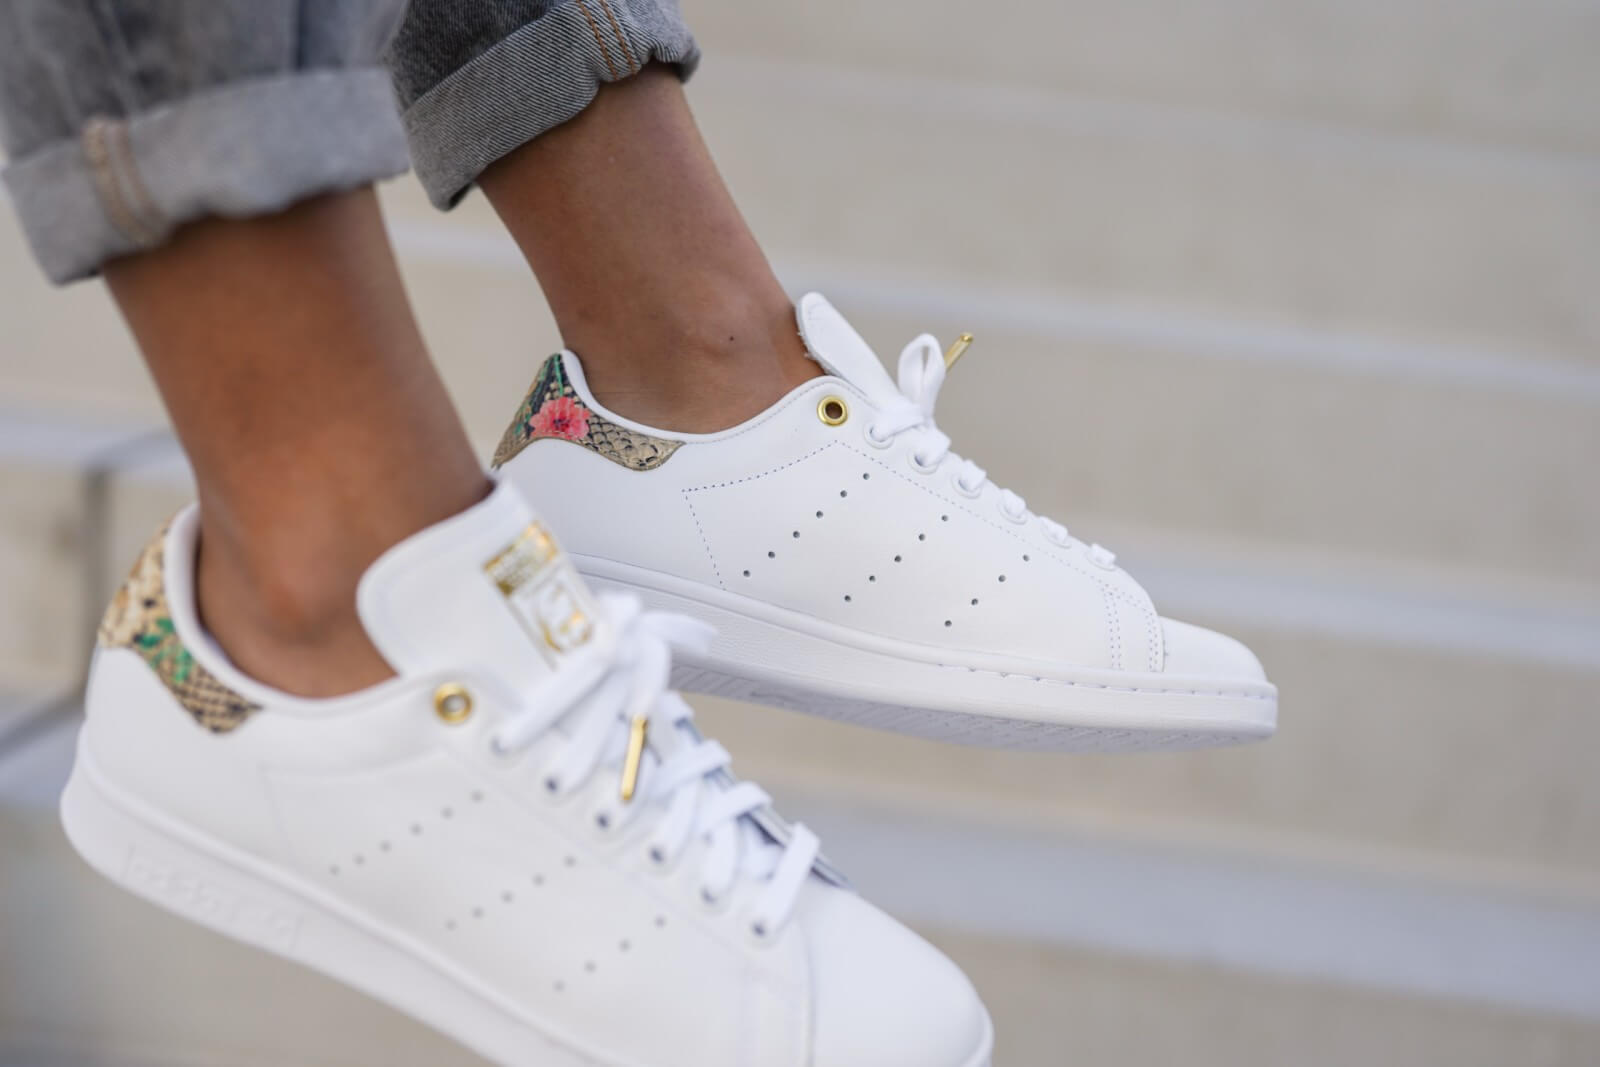 Adidas Women's Stan Smith Footwear